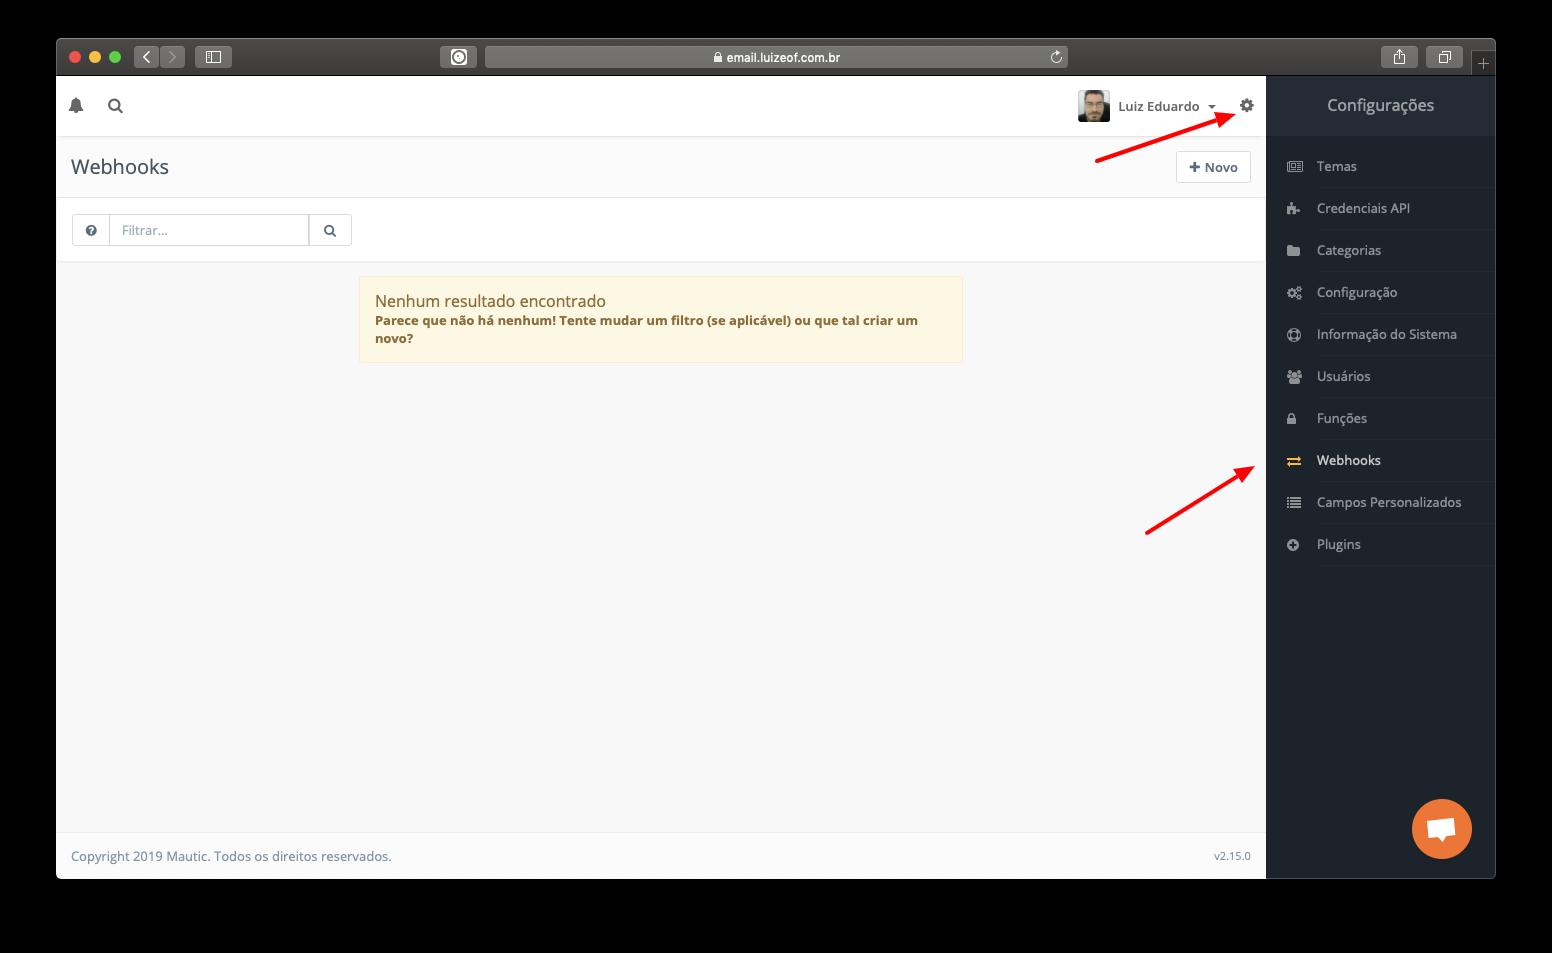 Configurando um Webhook no Mautic